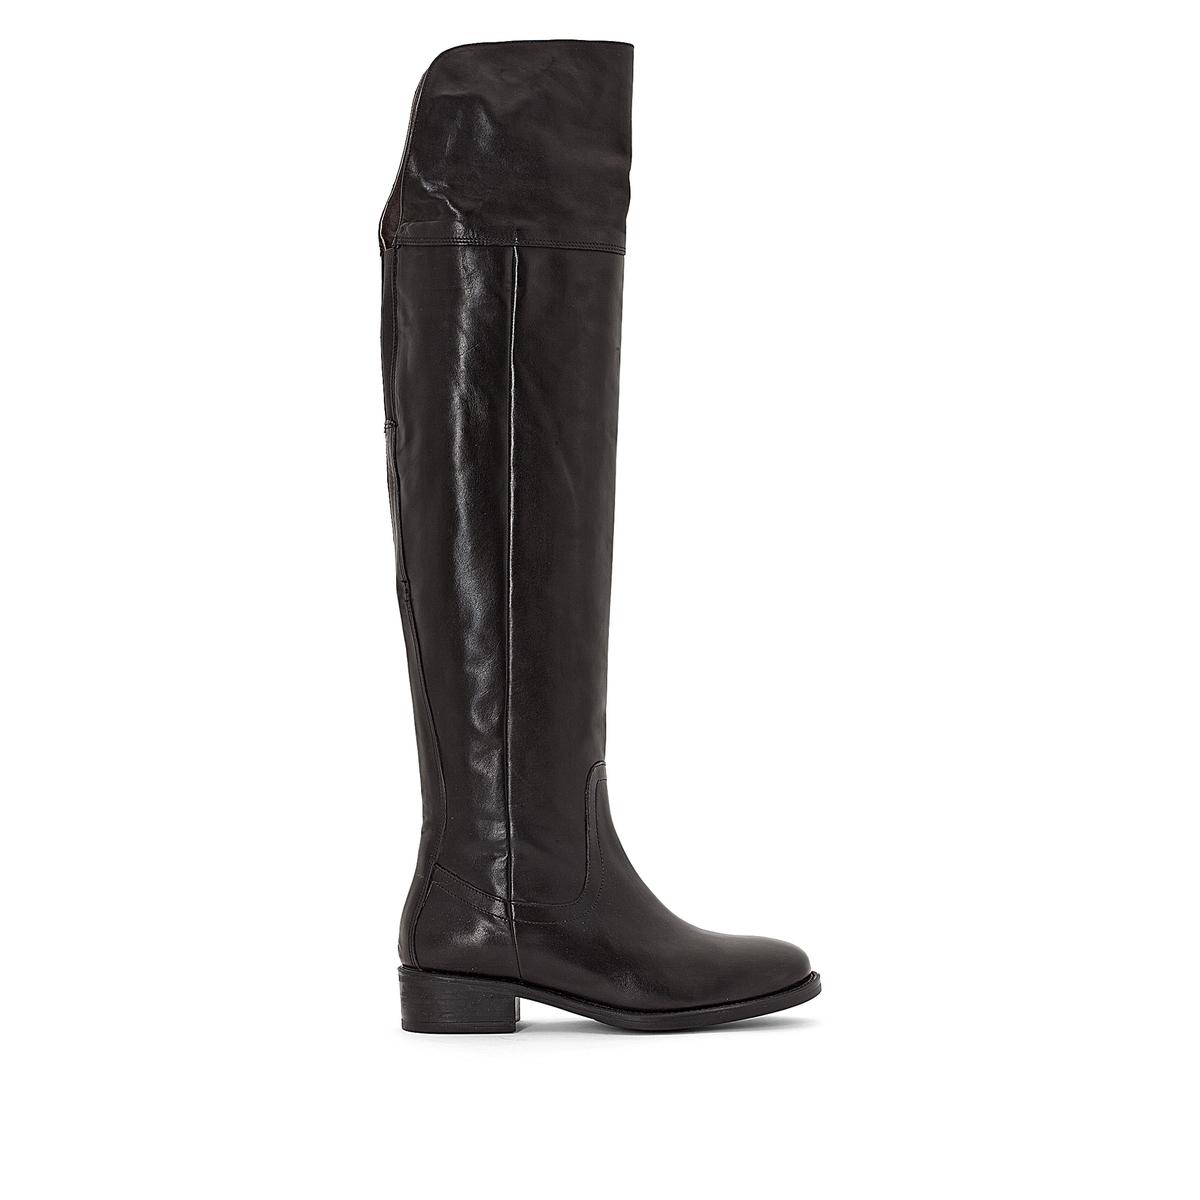 Сапоги кожаные ModaВерх/Голенище: Кожа.          Подкладка : Кожа.   Подошва : Эластомер    Высота голенища: 52 см   Высота каблука : 1 см.   Форма каблука : Плоский каблук   Мысок : Закругленный   Застежка : без застежки<br><br>Цвет: черный<br>Размер: 37